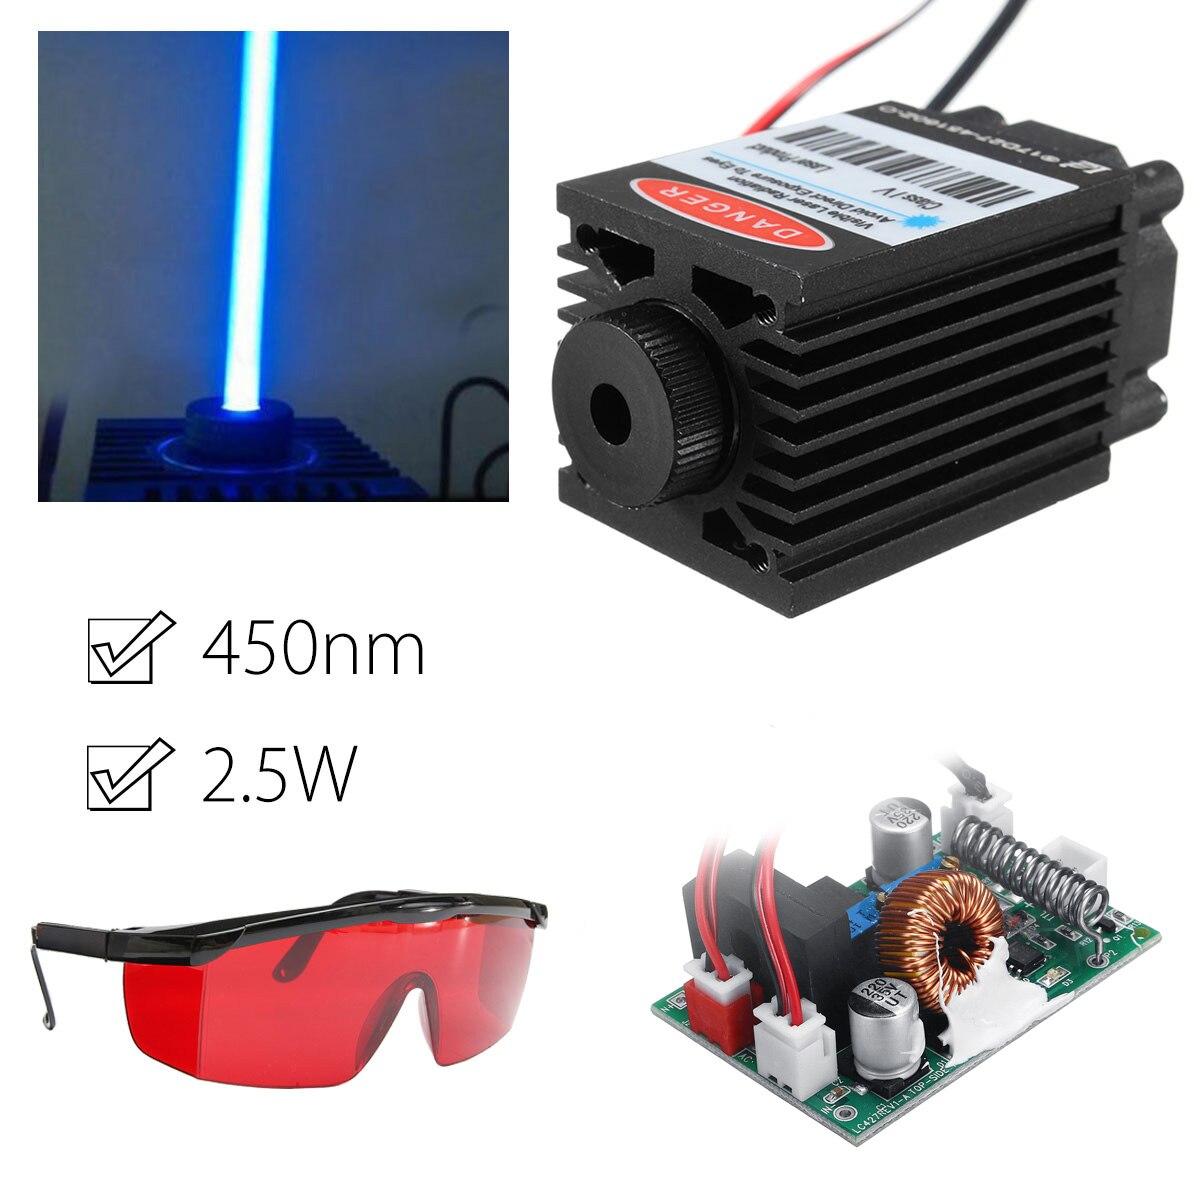 2.5 w 450nm módulo laser azul ttl 12 v focalizável de alta potência + óculos de proteção para cnc corte a laser máquina gravura peças para trabalhar madeira